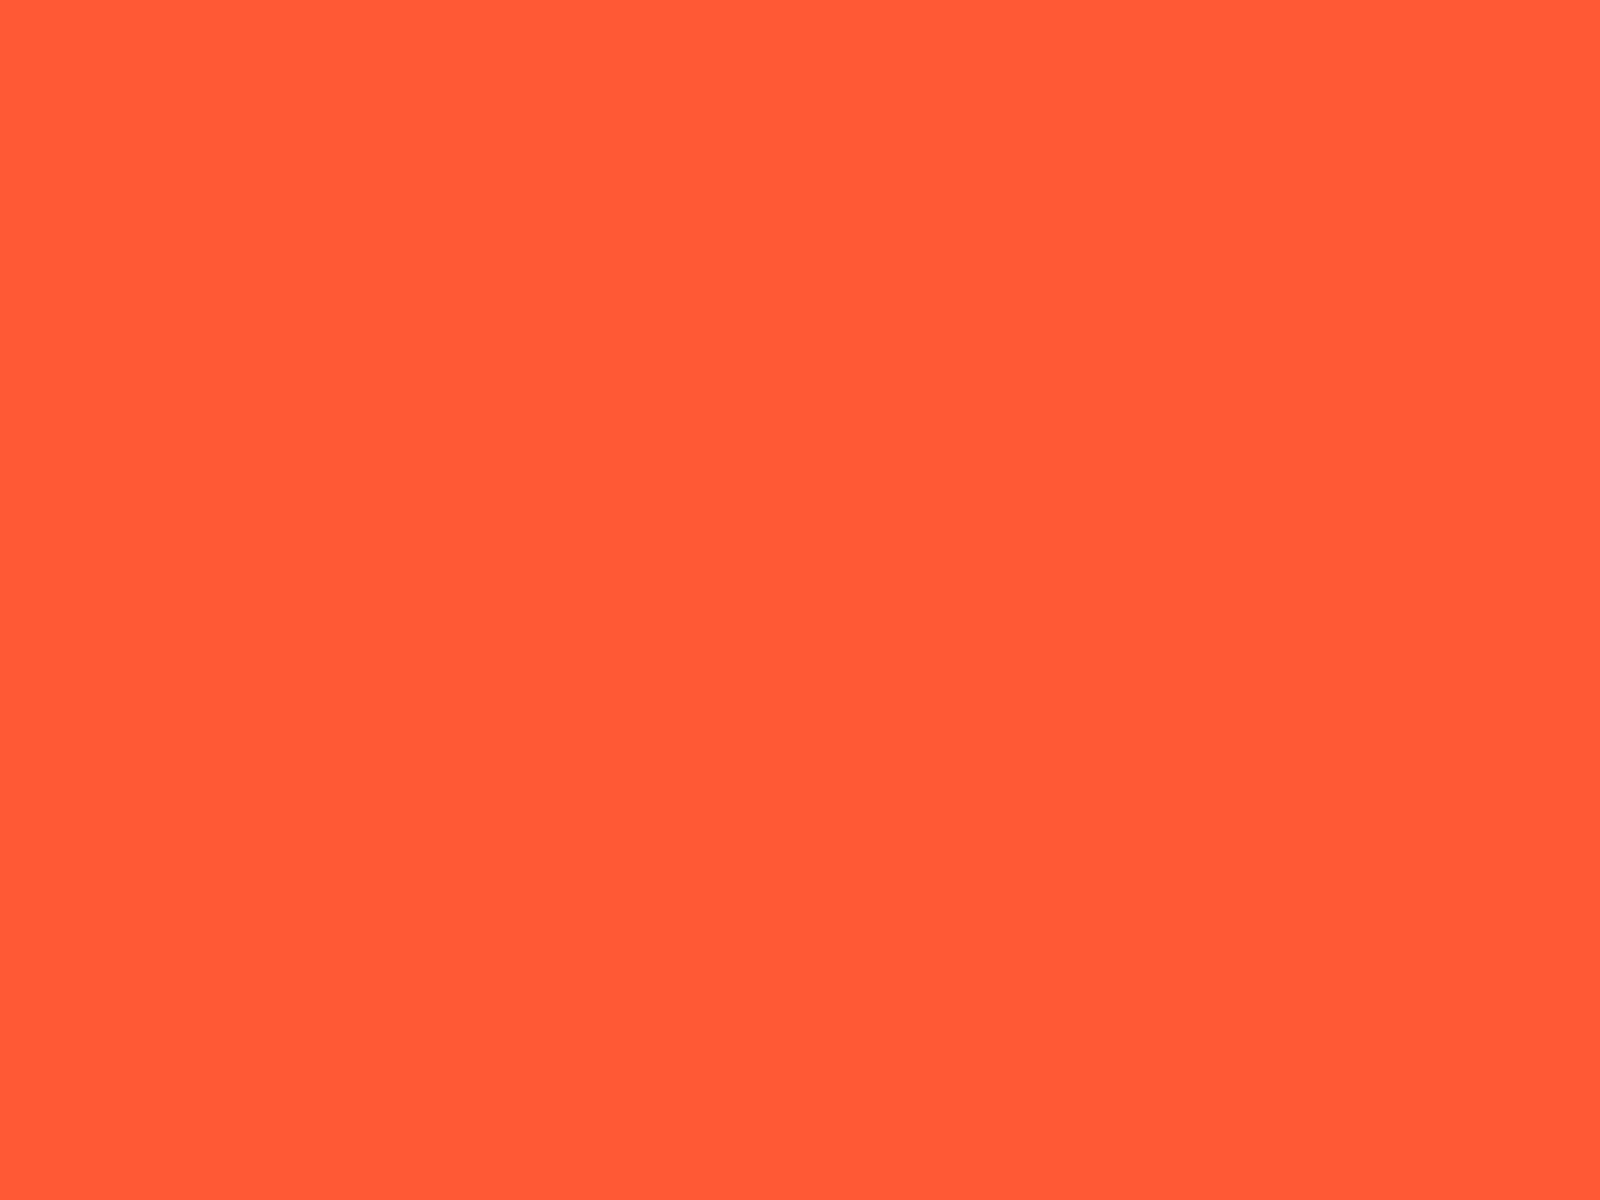 1600x1200 Portland Orange Solid Color Background